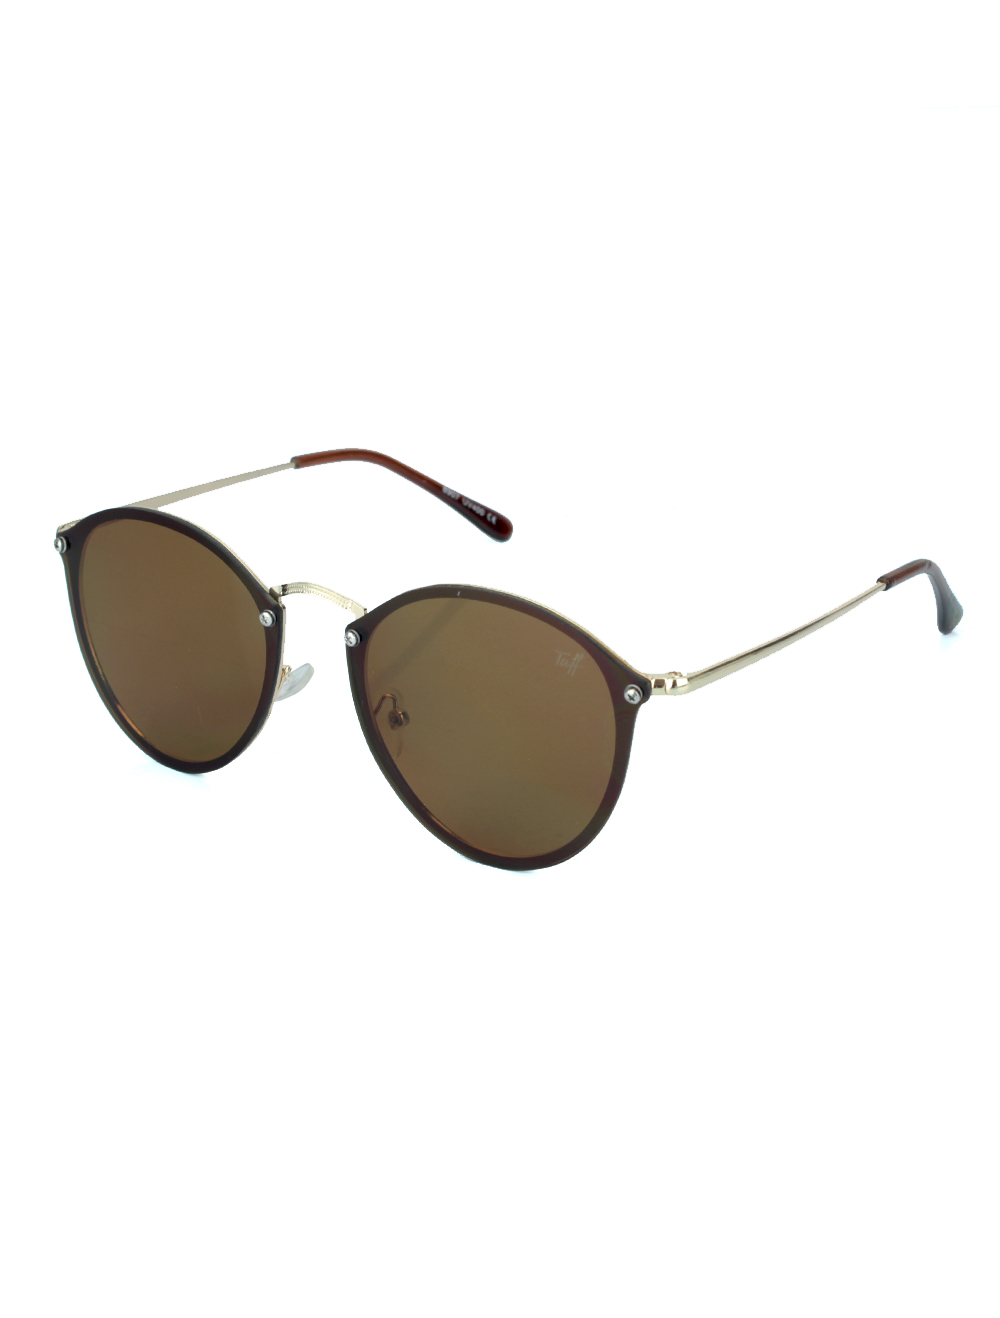 Sunglasses Redondo Marrom